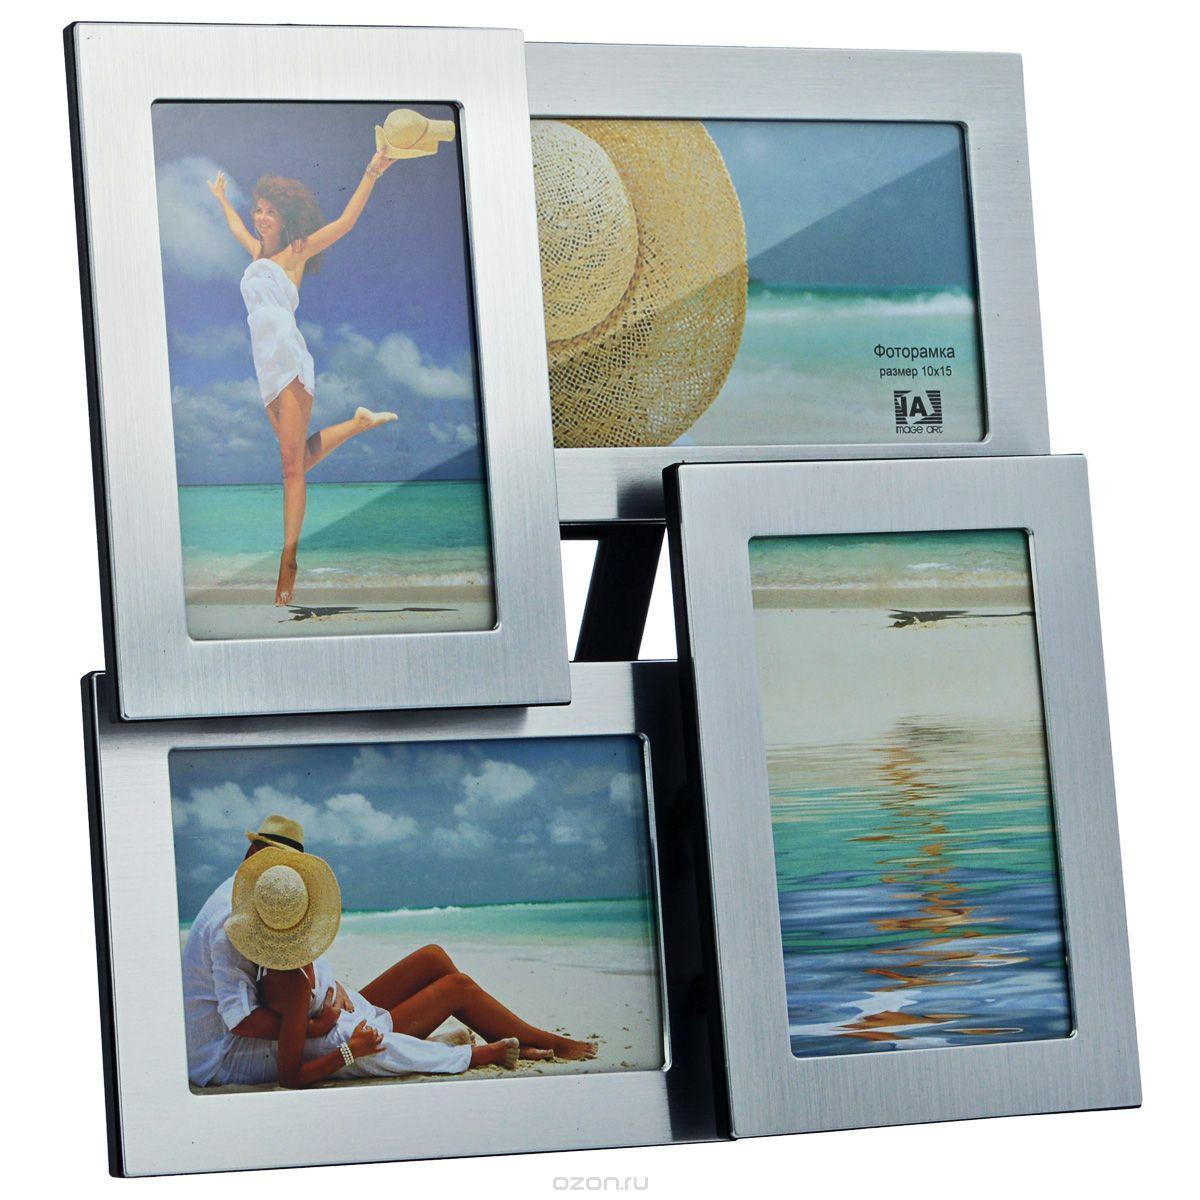 Фоторамка Image Art, цвет: серебристый, на 4 фото, 10 см х 15 см. 5055398692738911292Фоторамка-коллаж Image Art - прекрасный способ красиво оформить ваши фотографии. Изделие рассчитано на 4 фотграфии. Фоторамка выполнена из алюминия и пластика и защищена стеклом. Фоторамку можно поставить на стол или подвесить на стену, для чего с задней стороны предусмотрены специальные отверстия. Такая фоторамка поможет сохранить на память самые яркие моменты вашей жизни, а стильный дизайн сделает ее прекрасным дополнением интерьера интерьера.